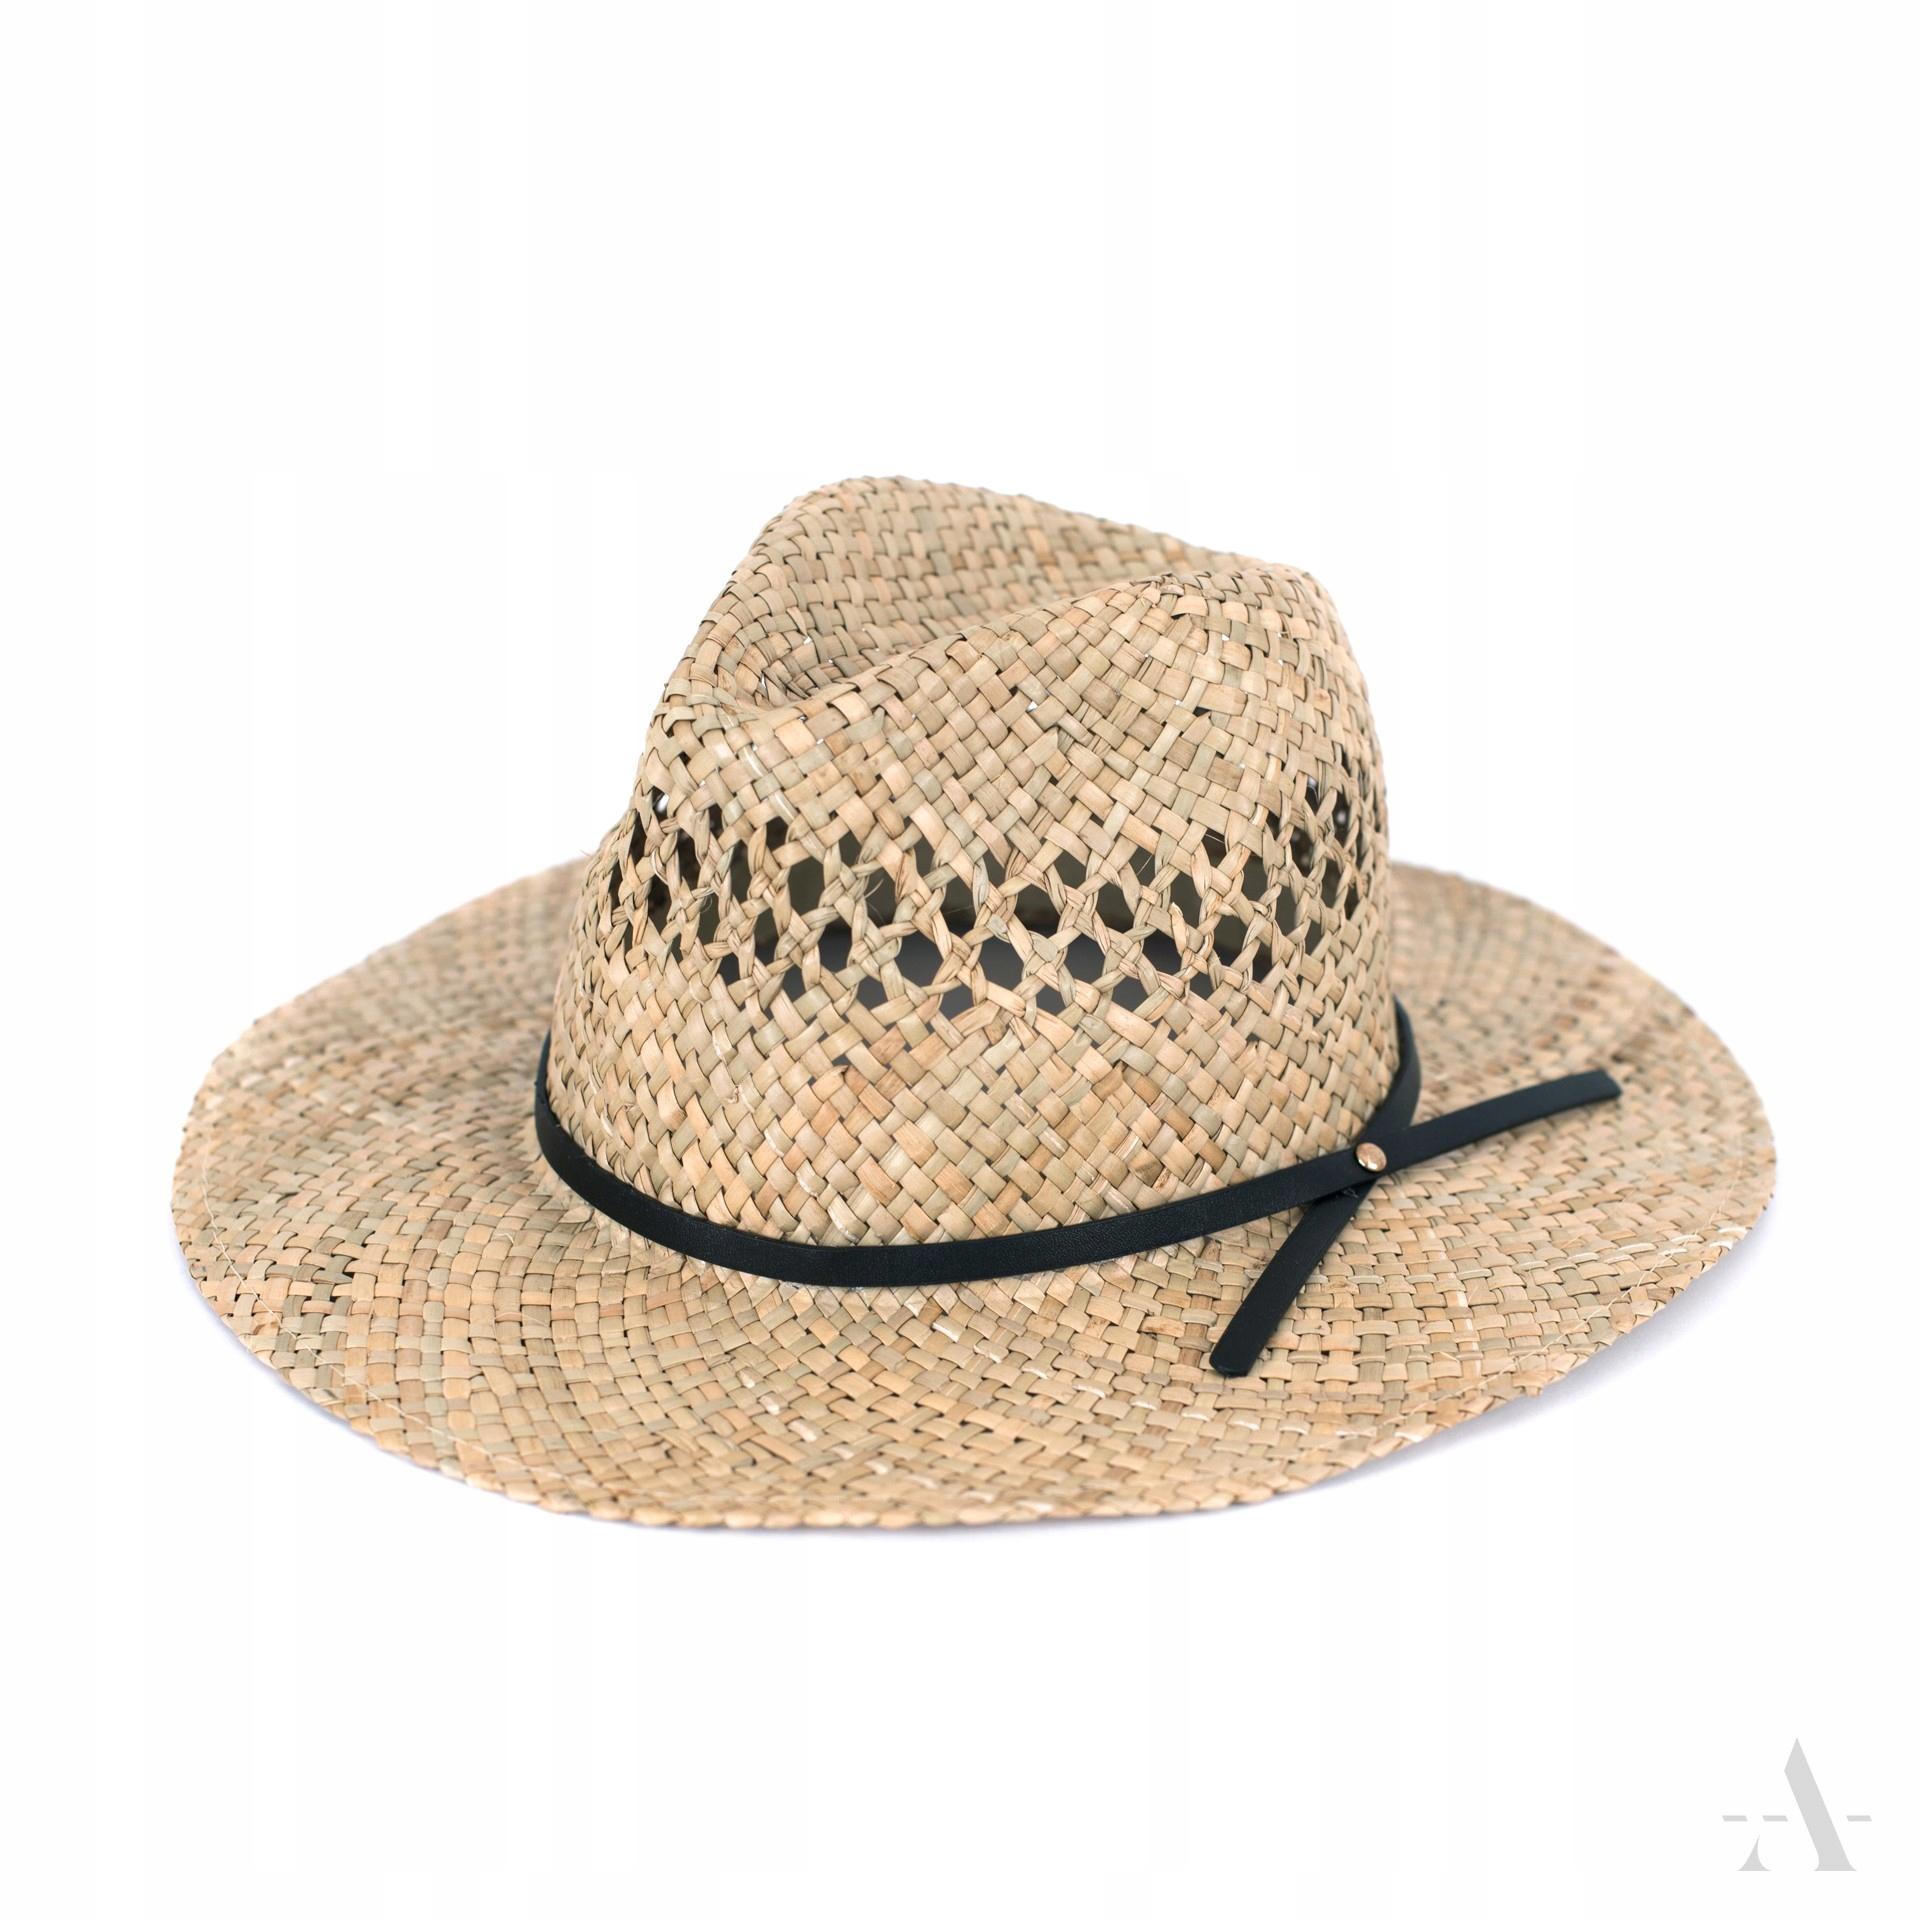 Profilowany kapelusz na lato z szerszym rondem